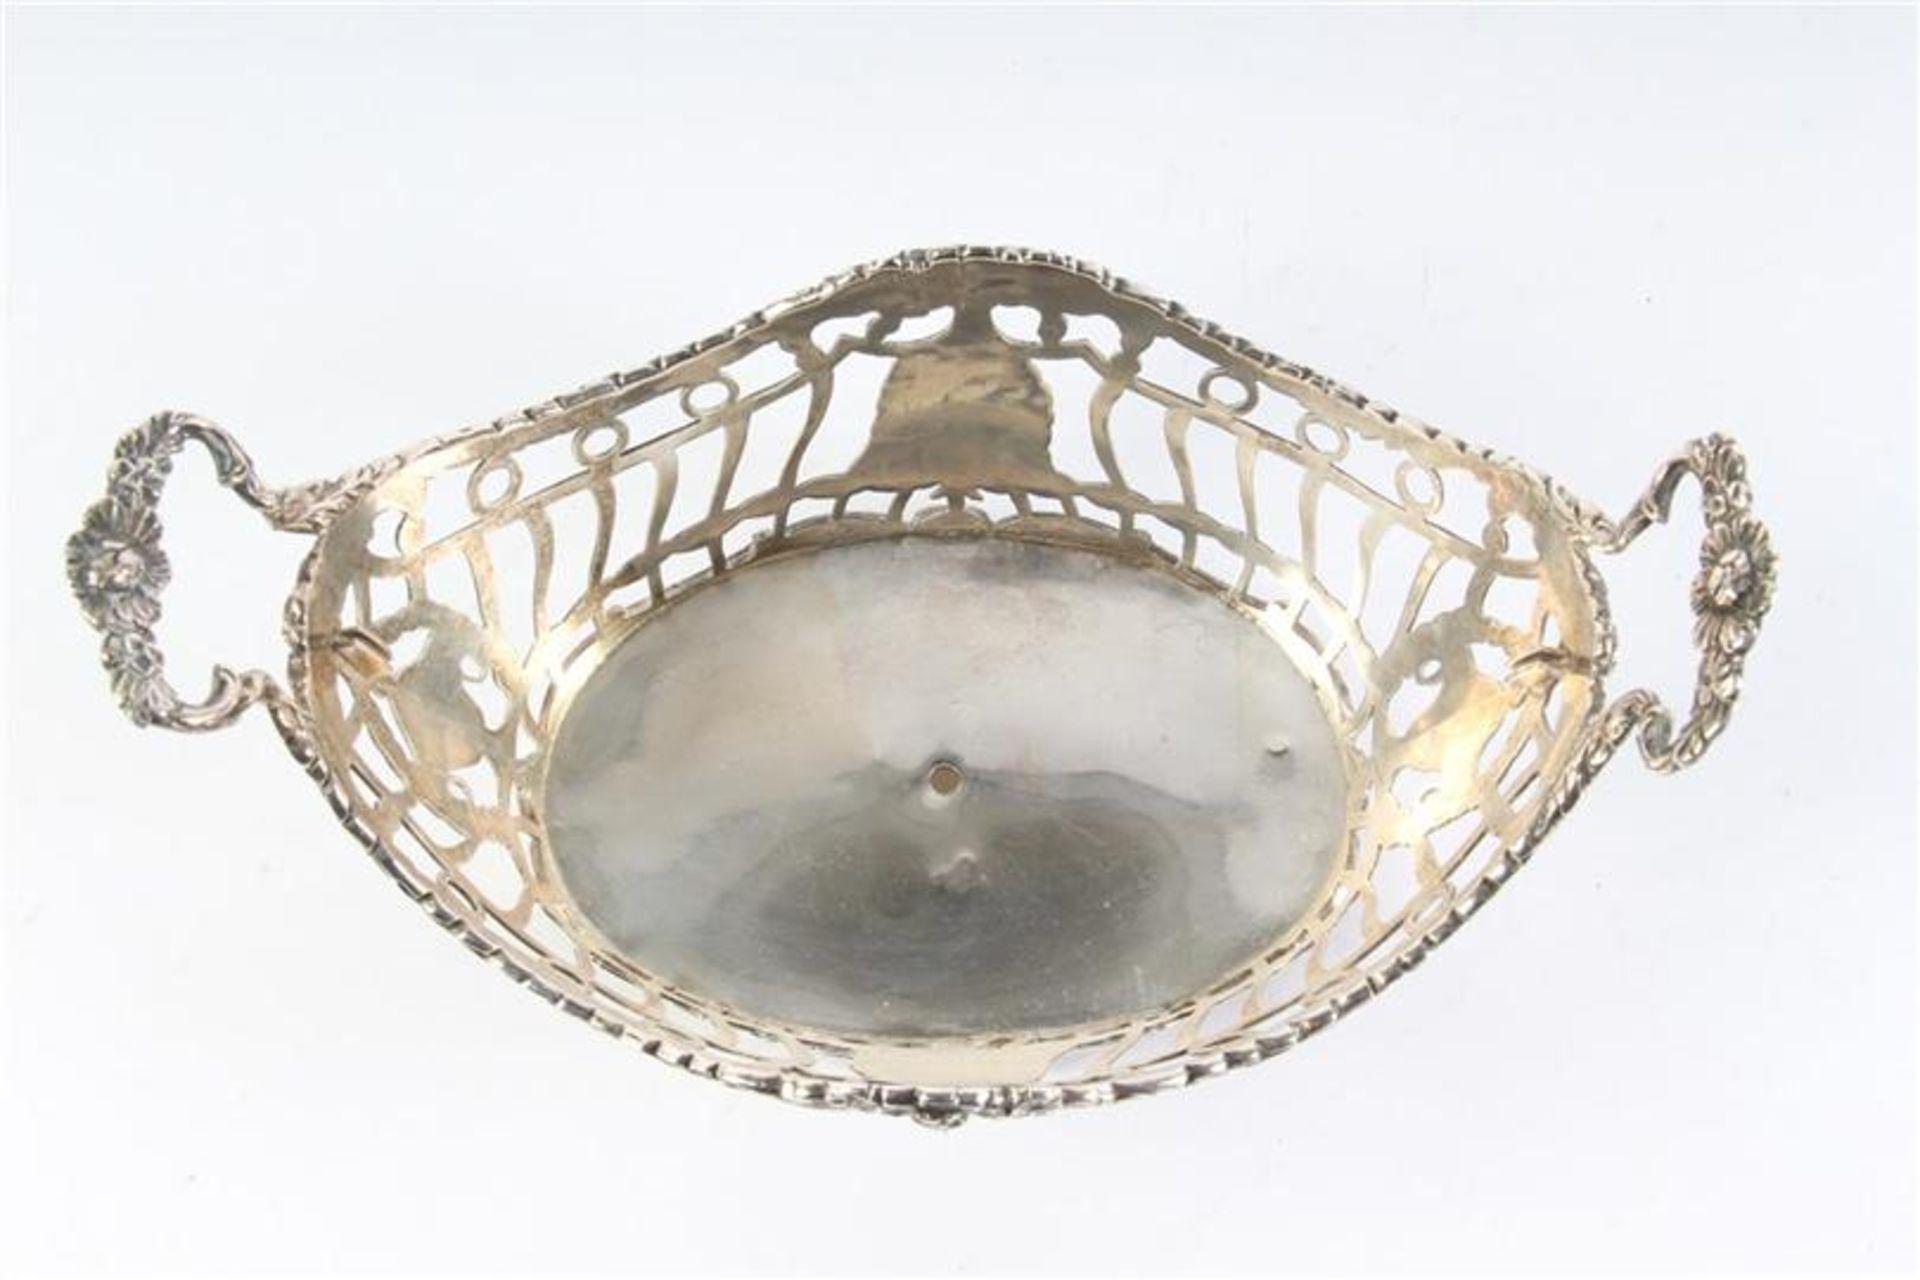 Zilveren mandje, ajour met guirlandes, gaatje in de bodem. HxBxD: 8.5 x 17 x 10 cm. - Bild 2 aus 4